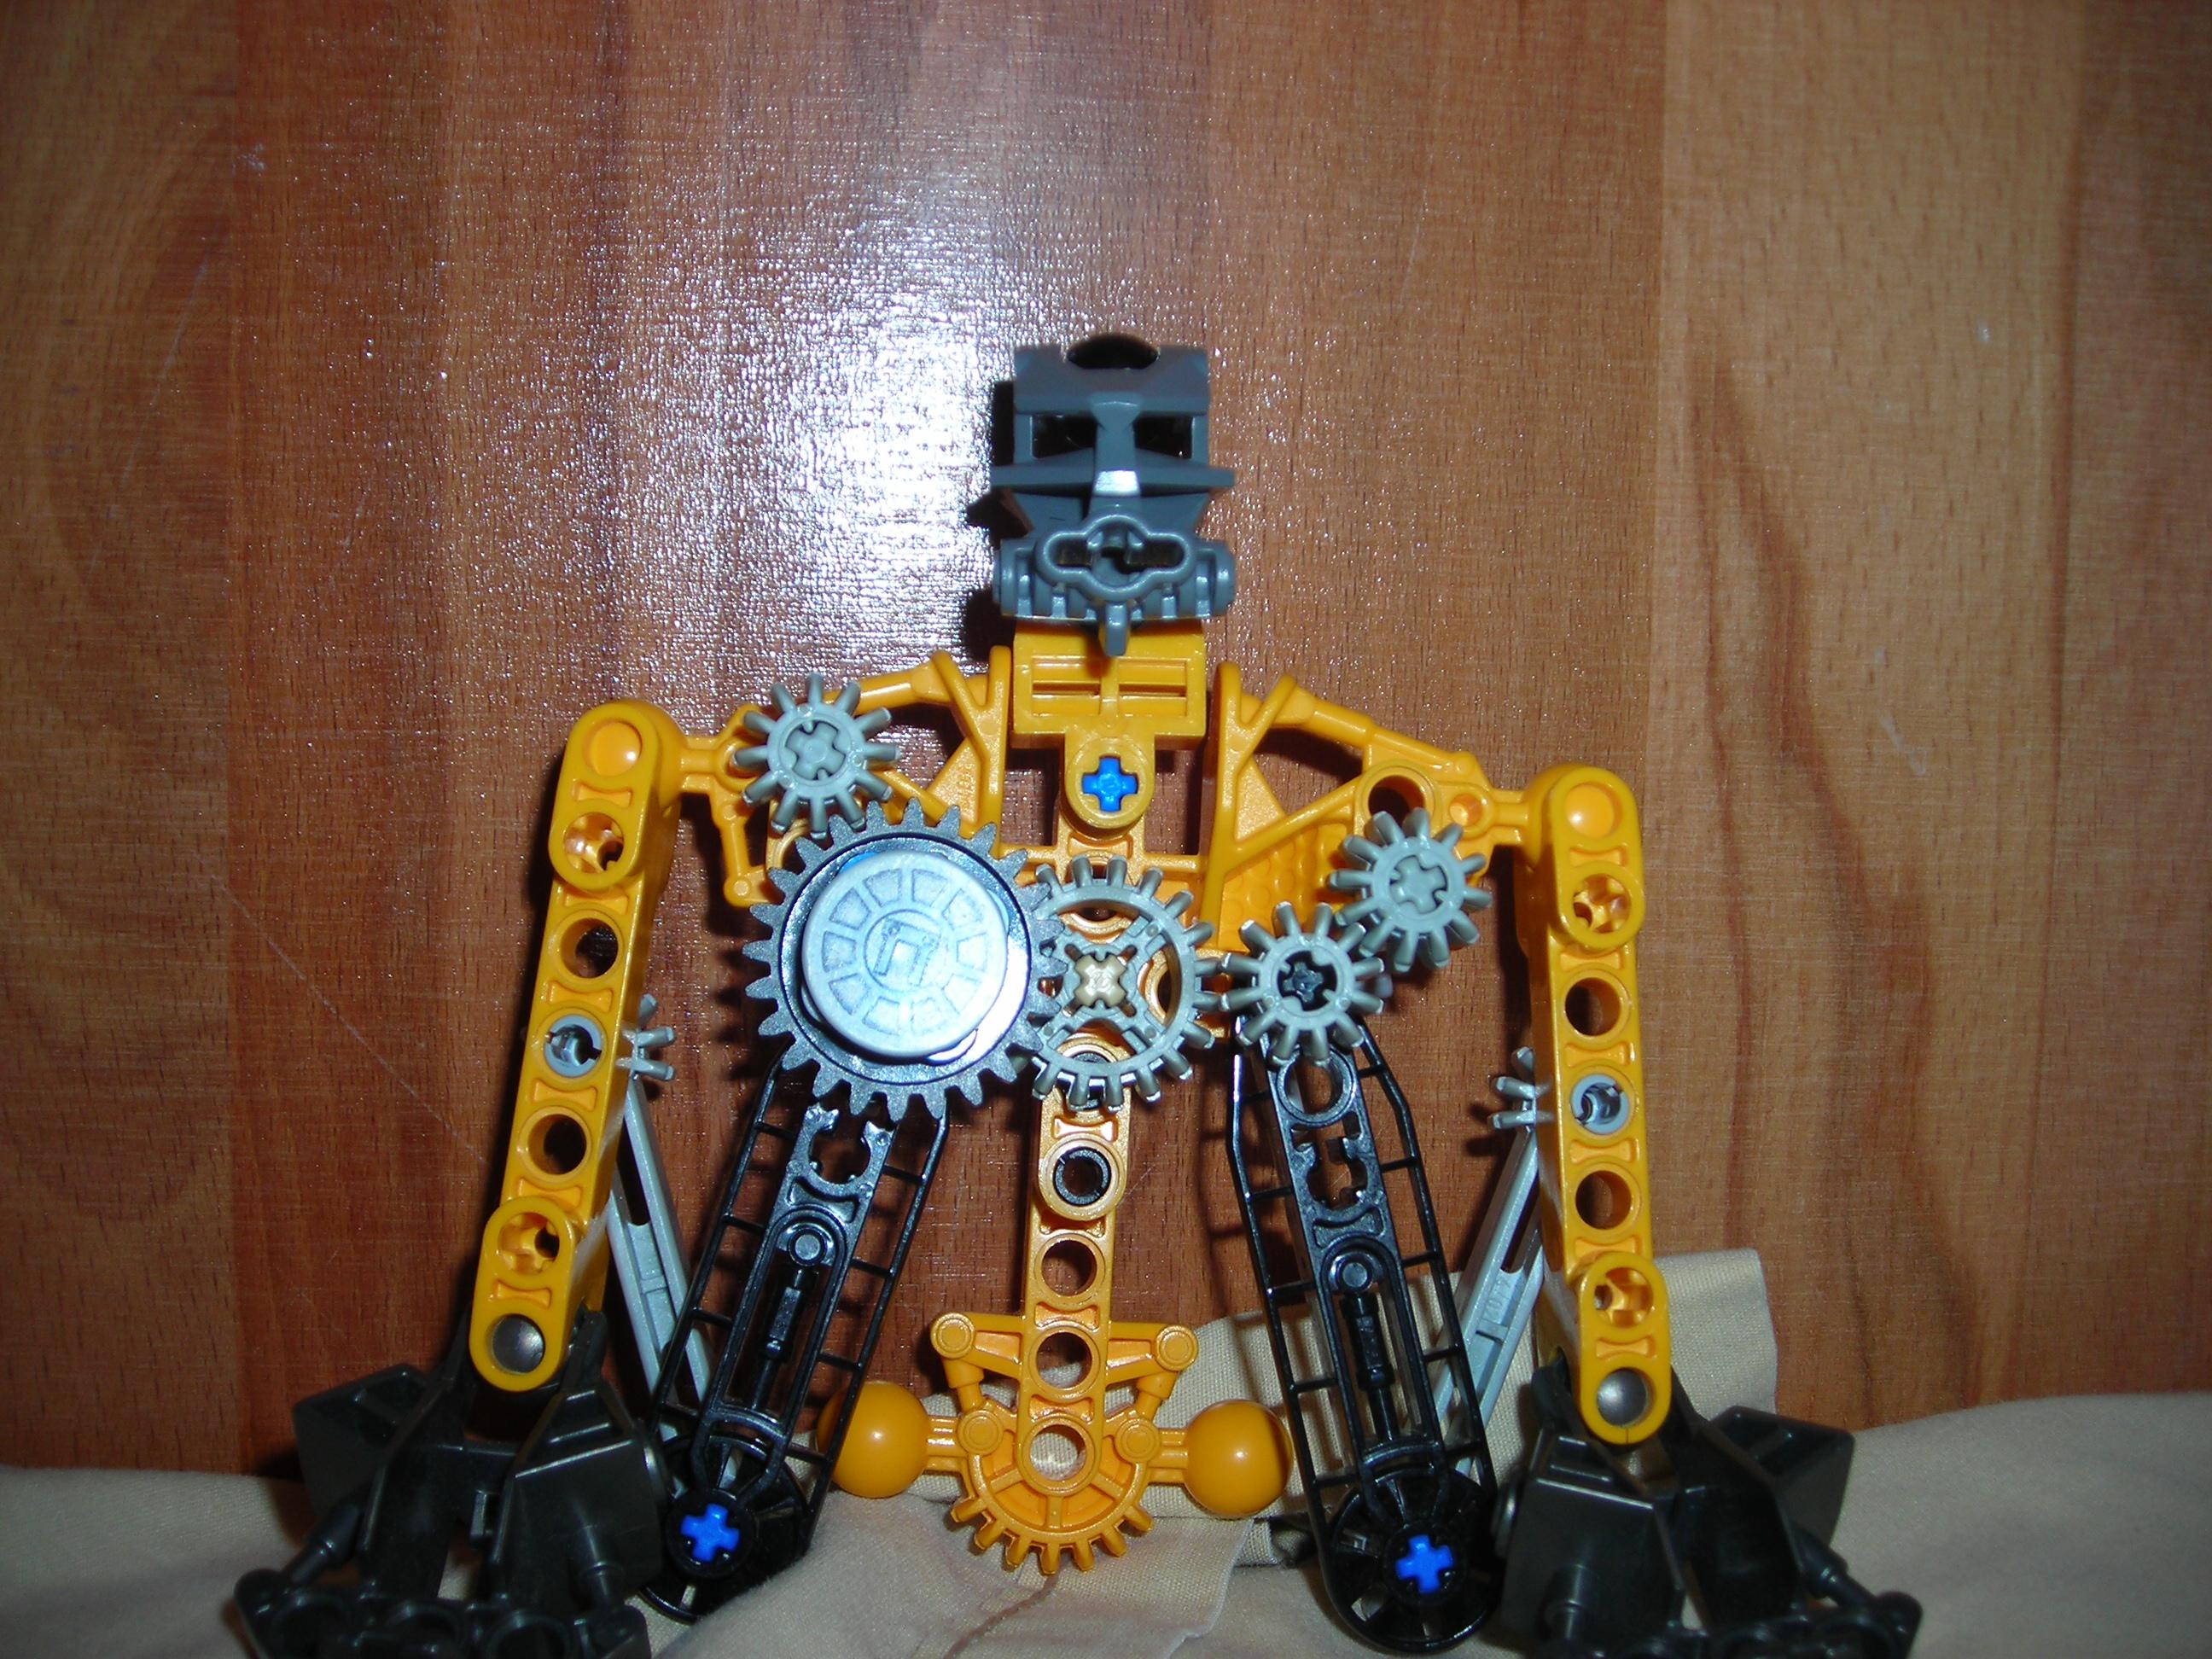 Clockwork Bionicle robot